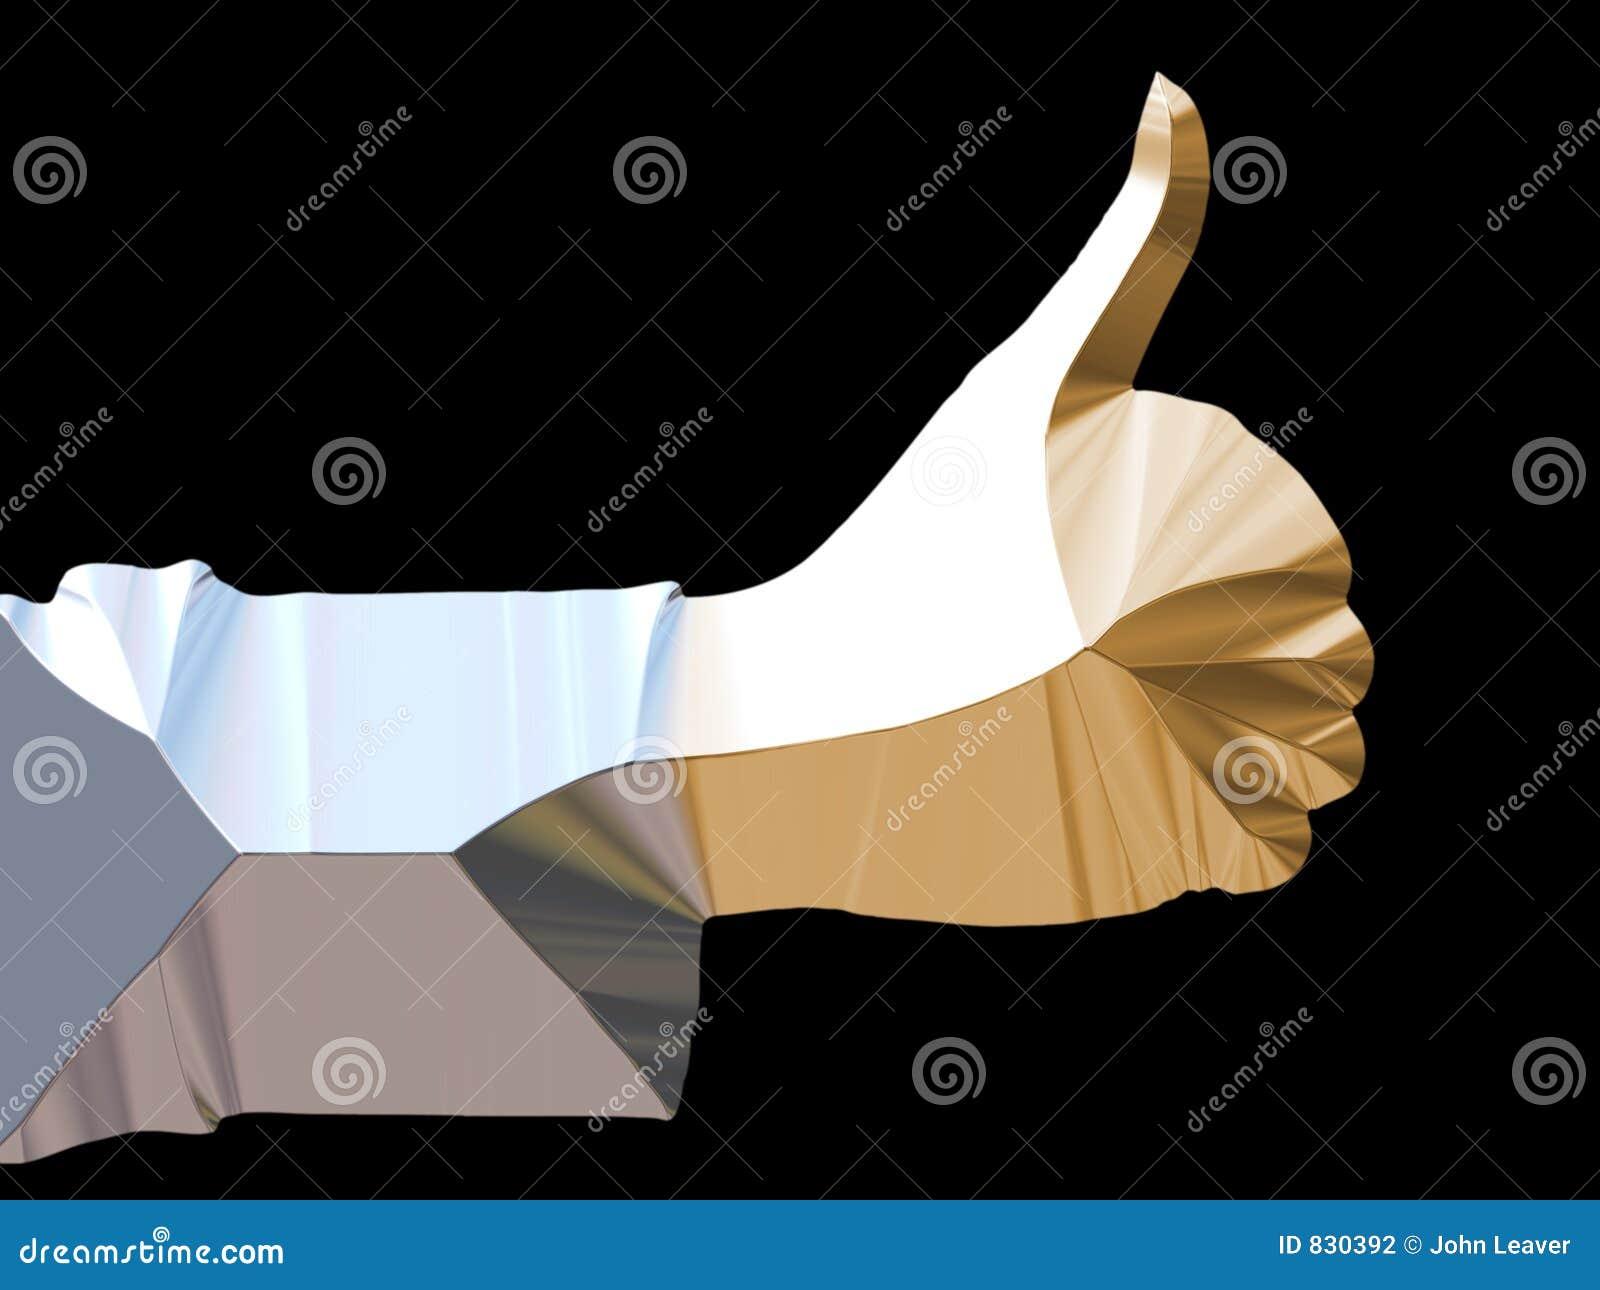 Metallic hand